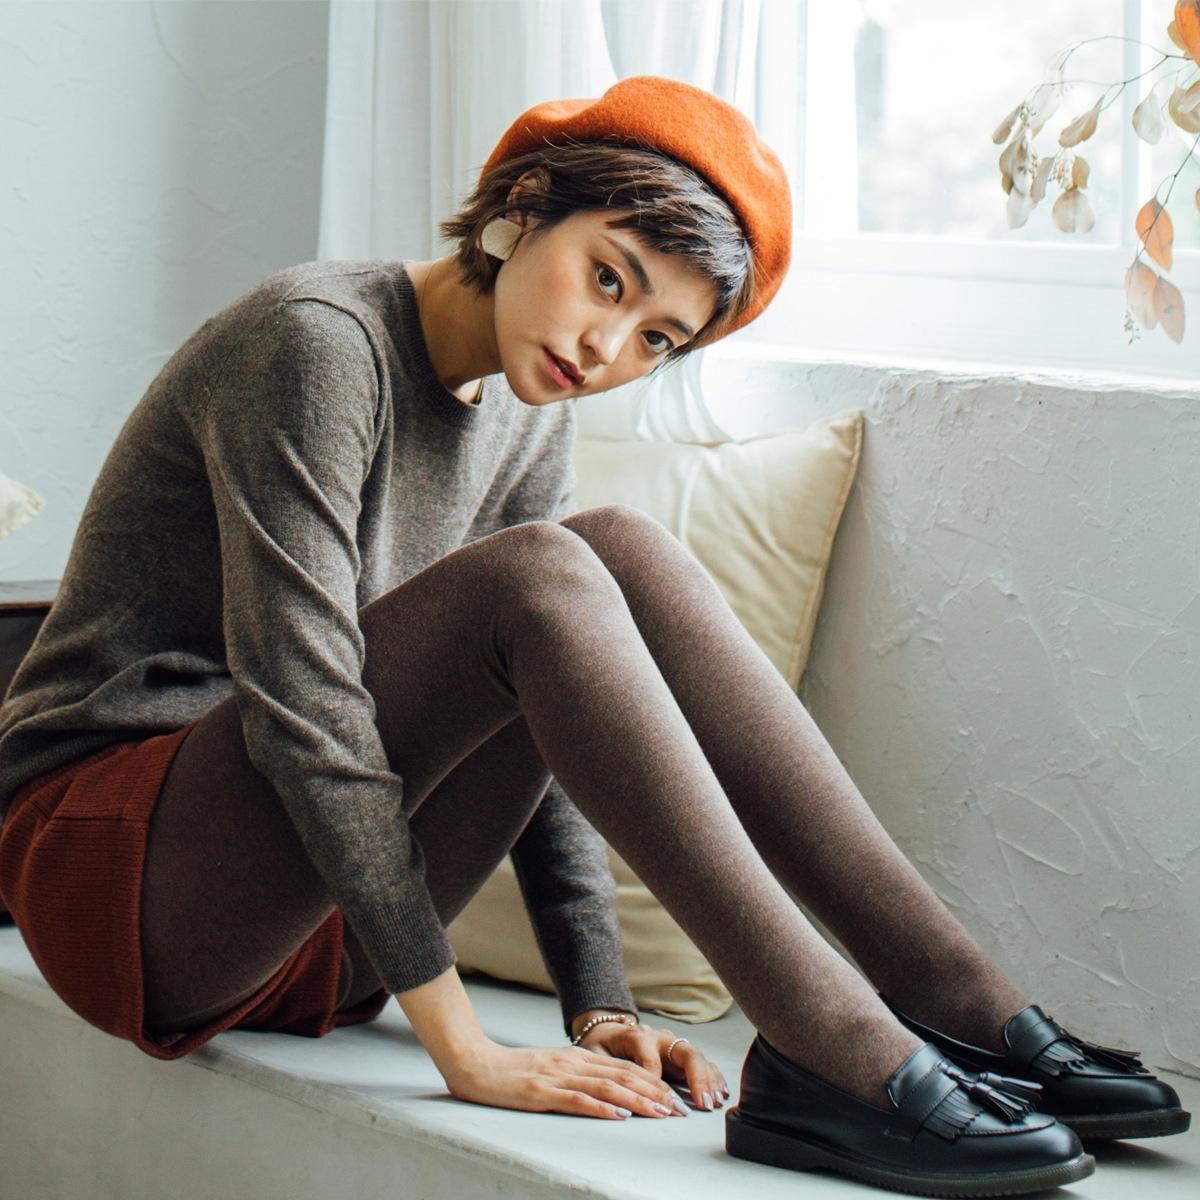 Külotlu b Henny rue sonbahar Kauçuk lastik bant ve ayak ile yeni kenevir renk pamuklu basınç pantolon dibe pantyhosewinter külotlu çorap hejbF